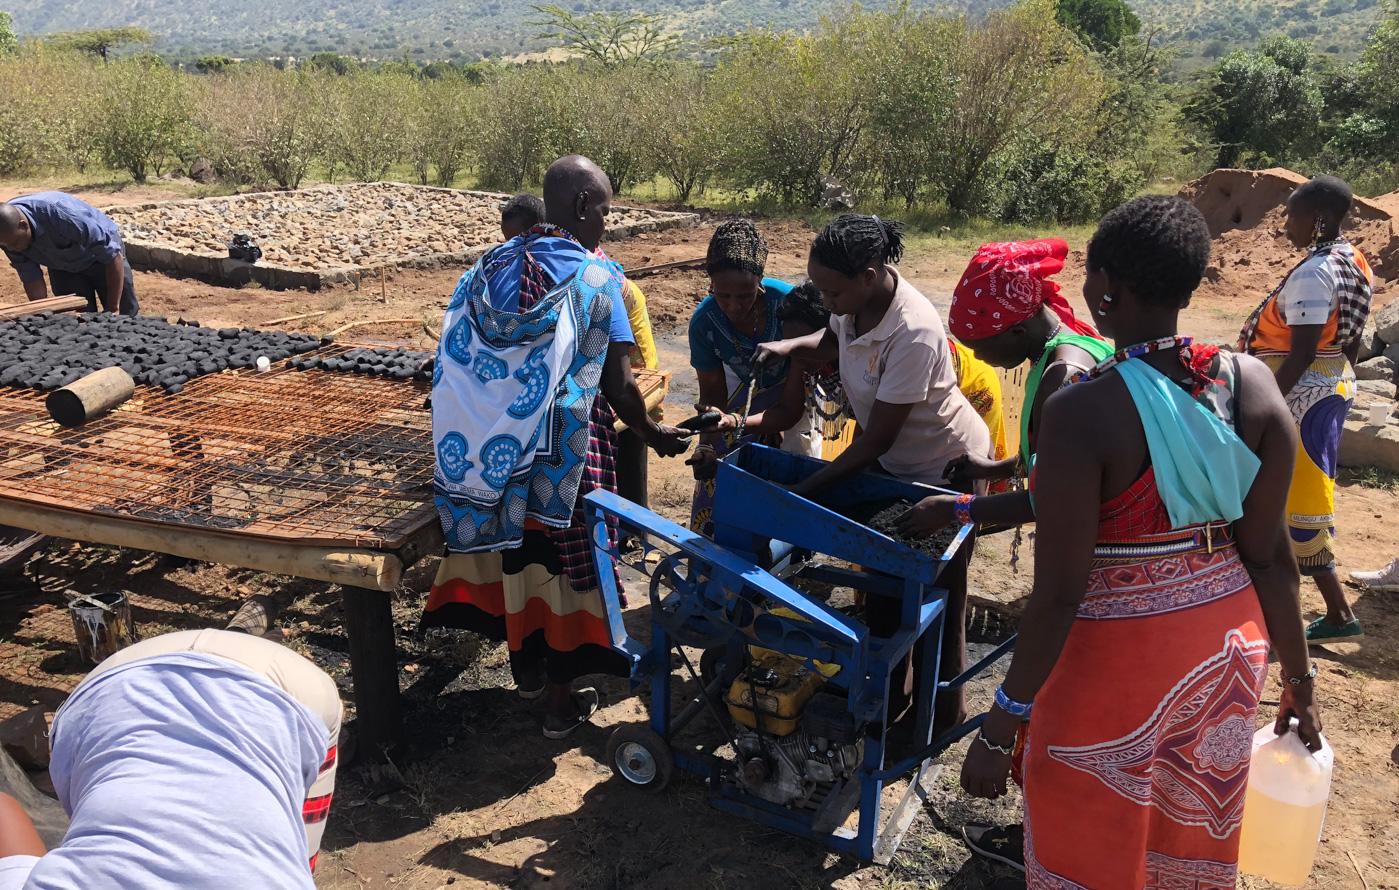 Ree Park Safari Run: Løbssucces betyder flere penge til udsatte kvinder i Kenya